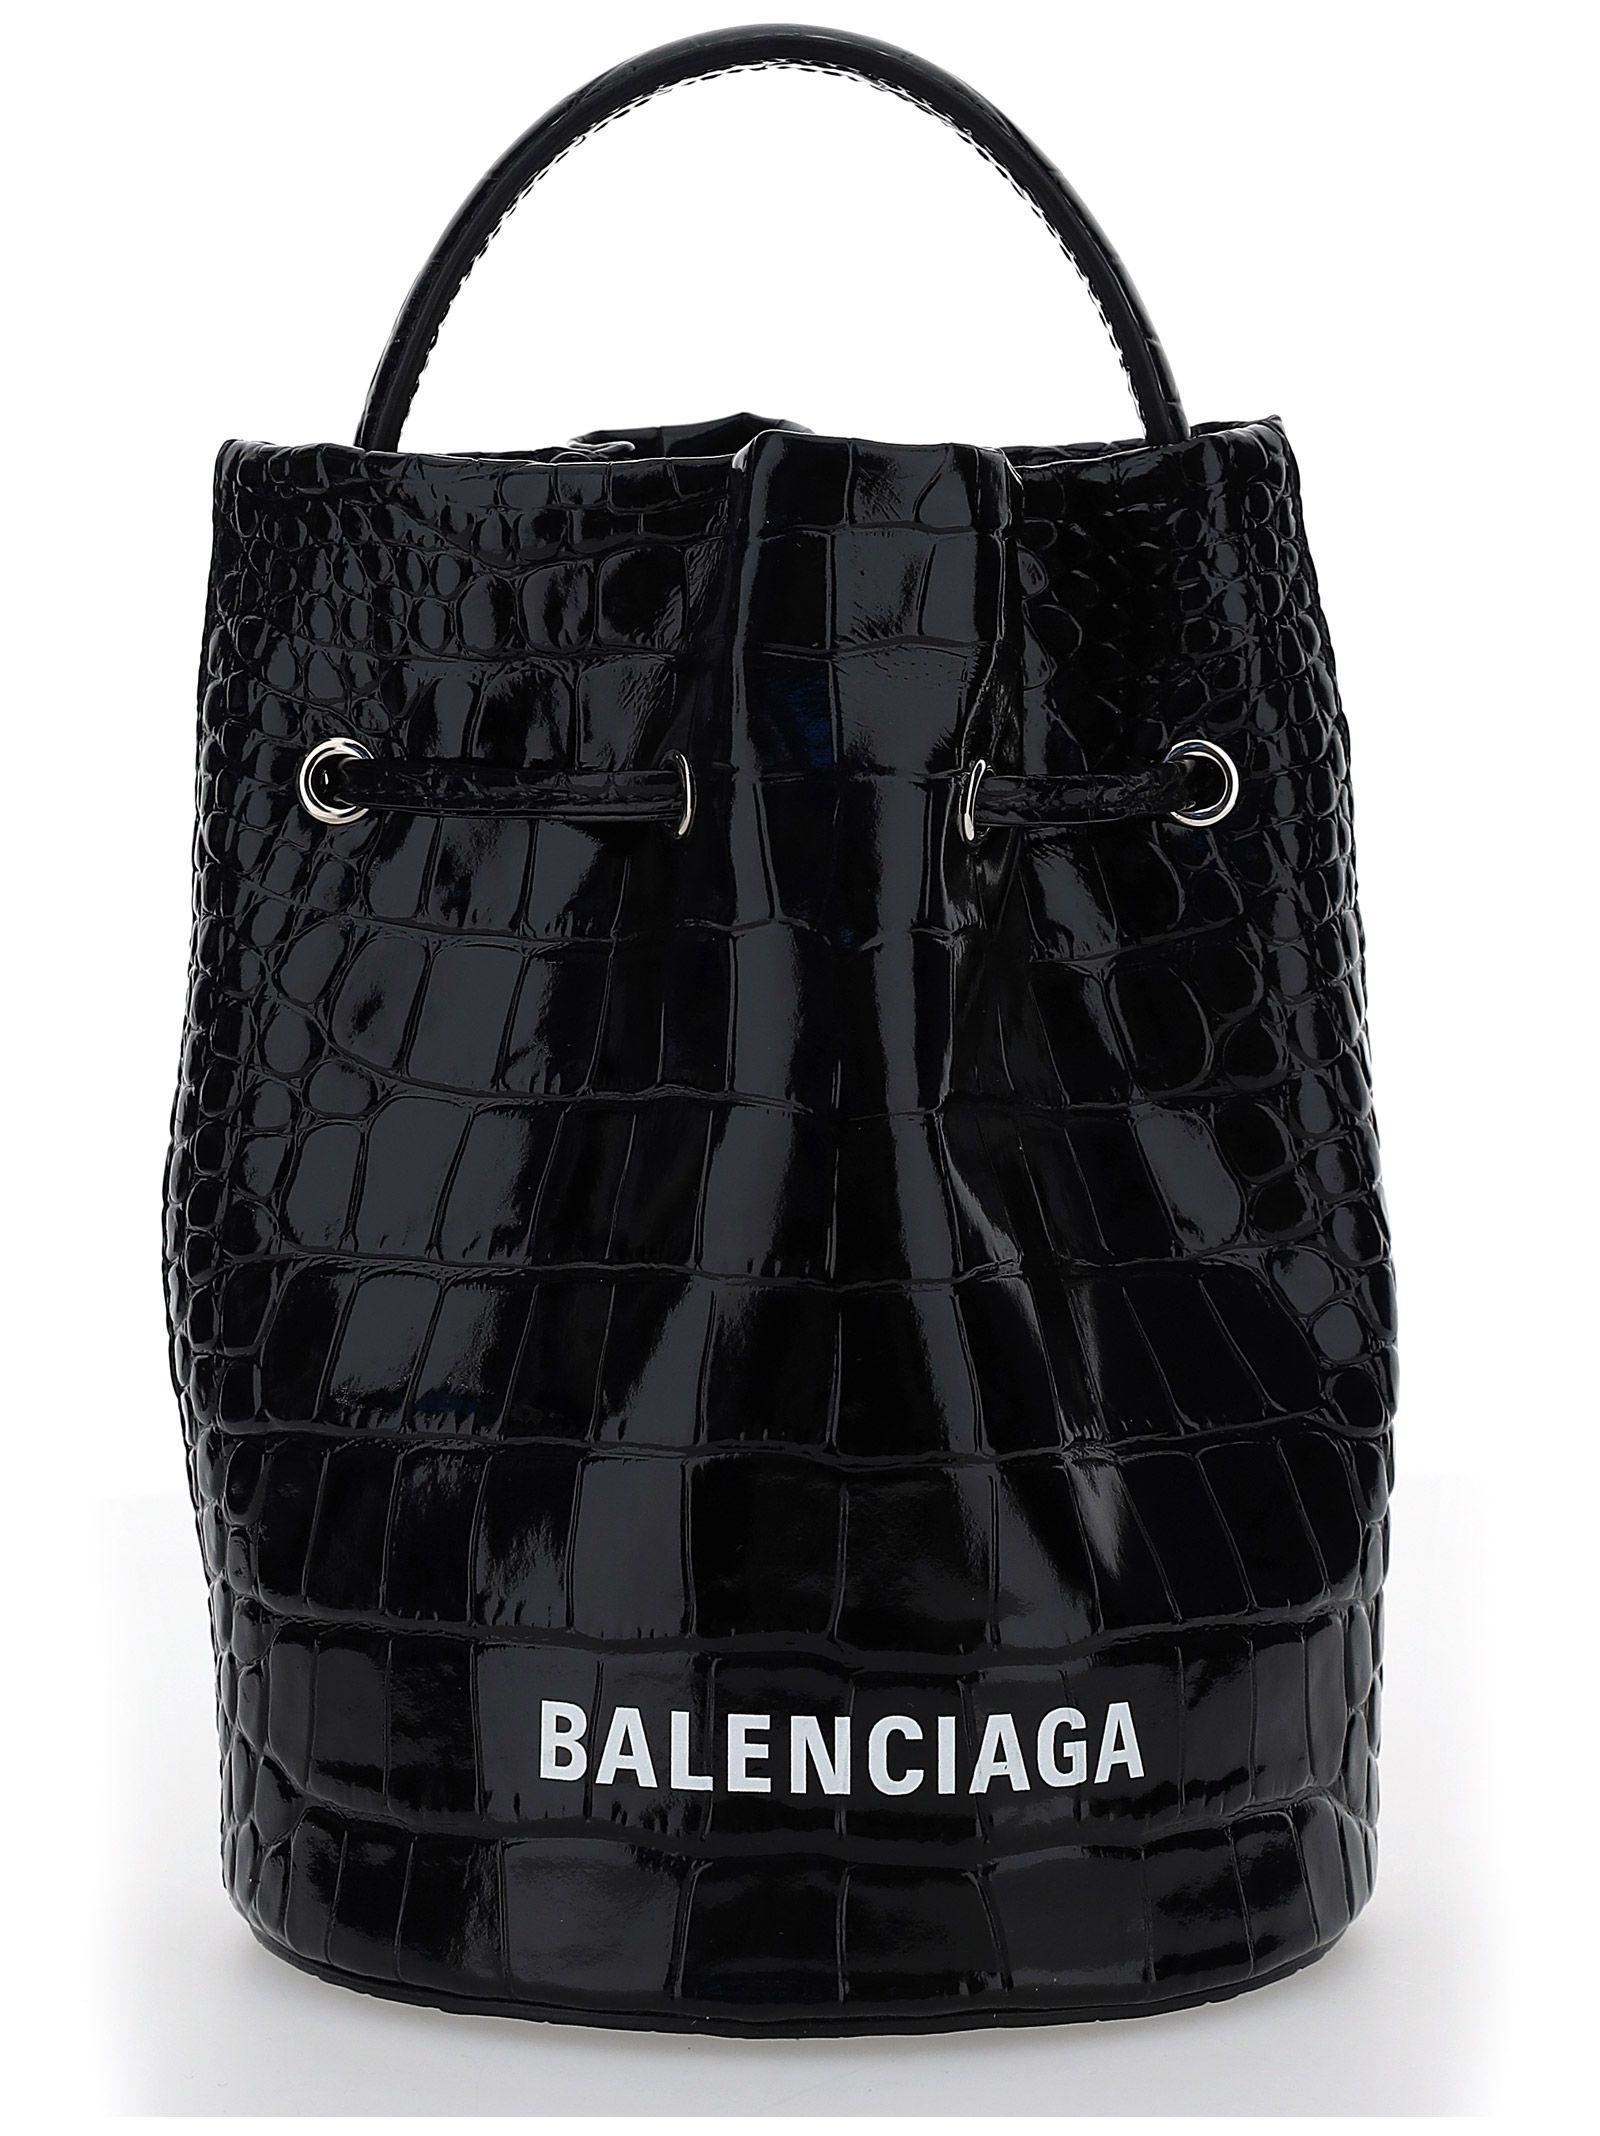 Balenciaga BALENCIAGA WOMEN'S BLACK OTHER MATERIALS HANDBAG